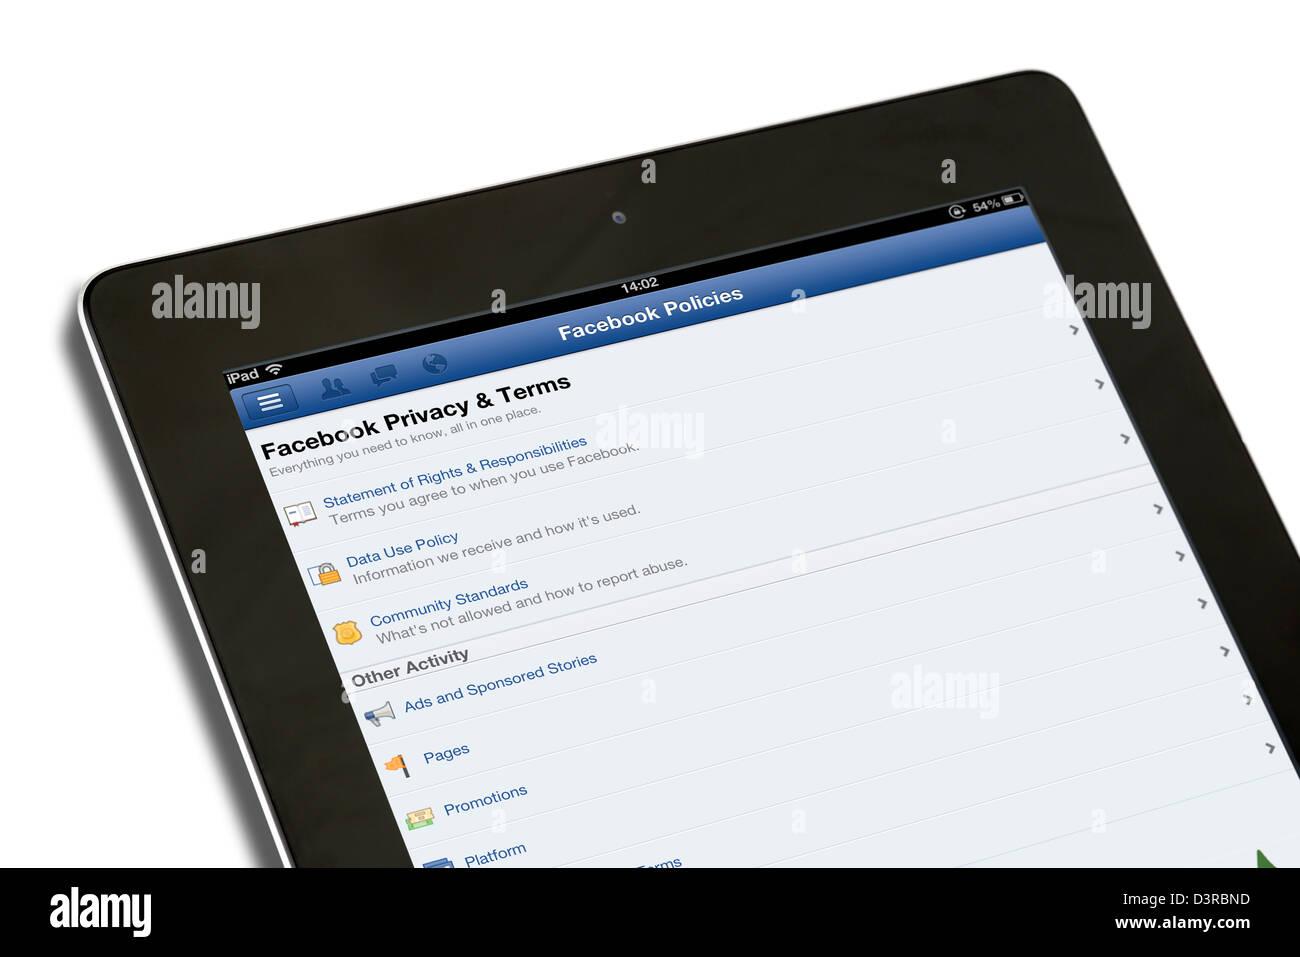 Facebook Confidentialité et conditions sur la page Facebook, sur un iPad 4e génération Photo Stock